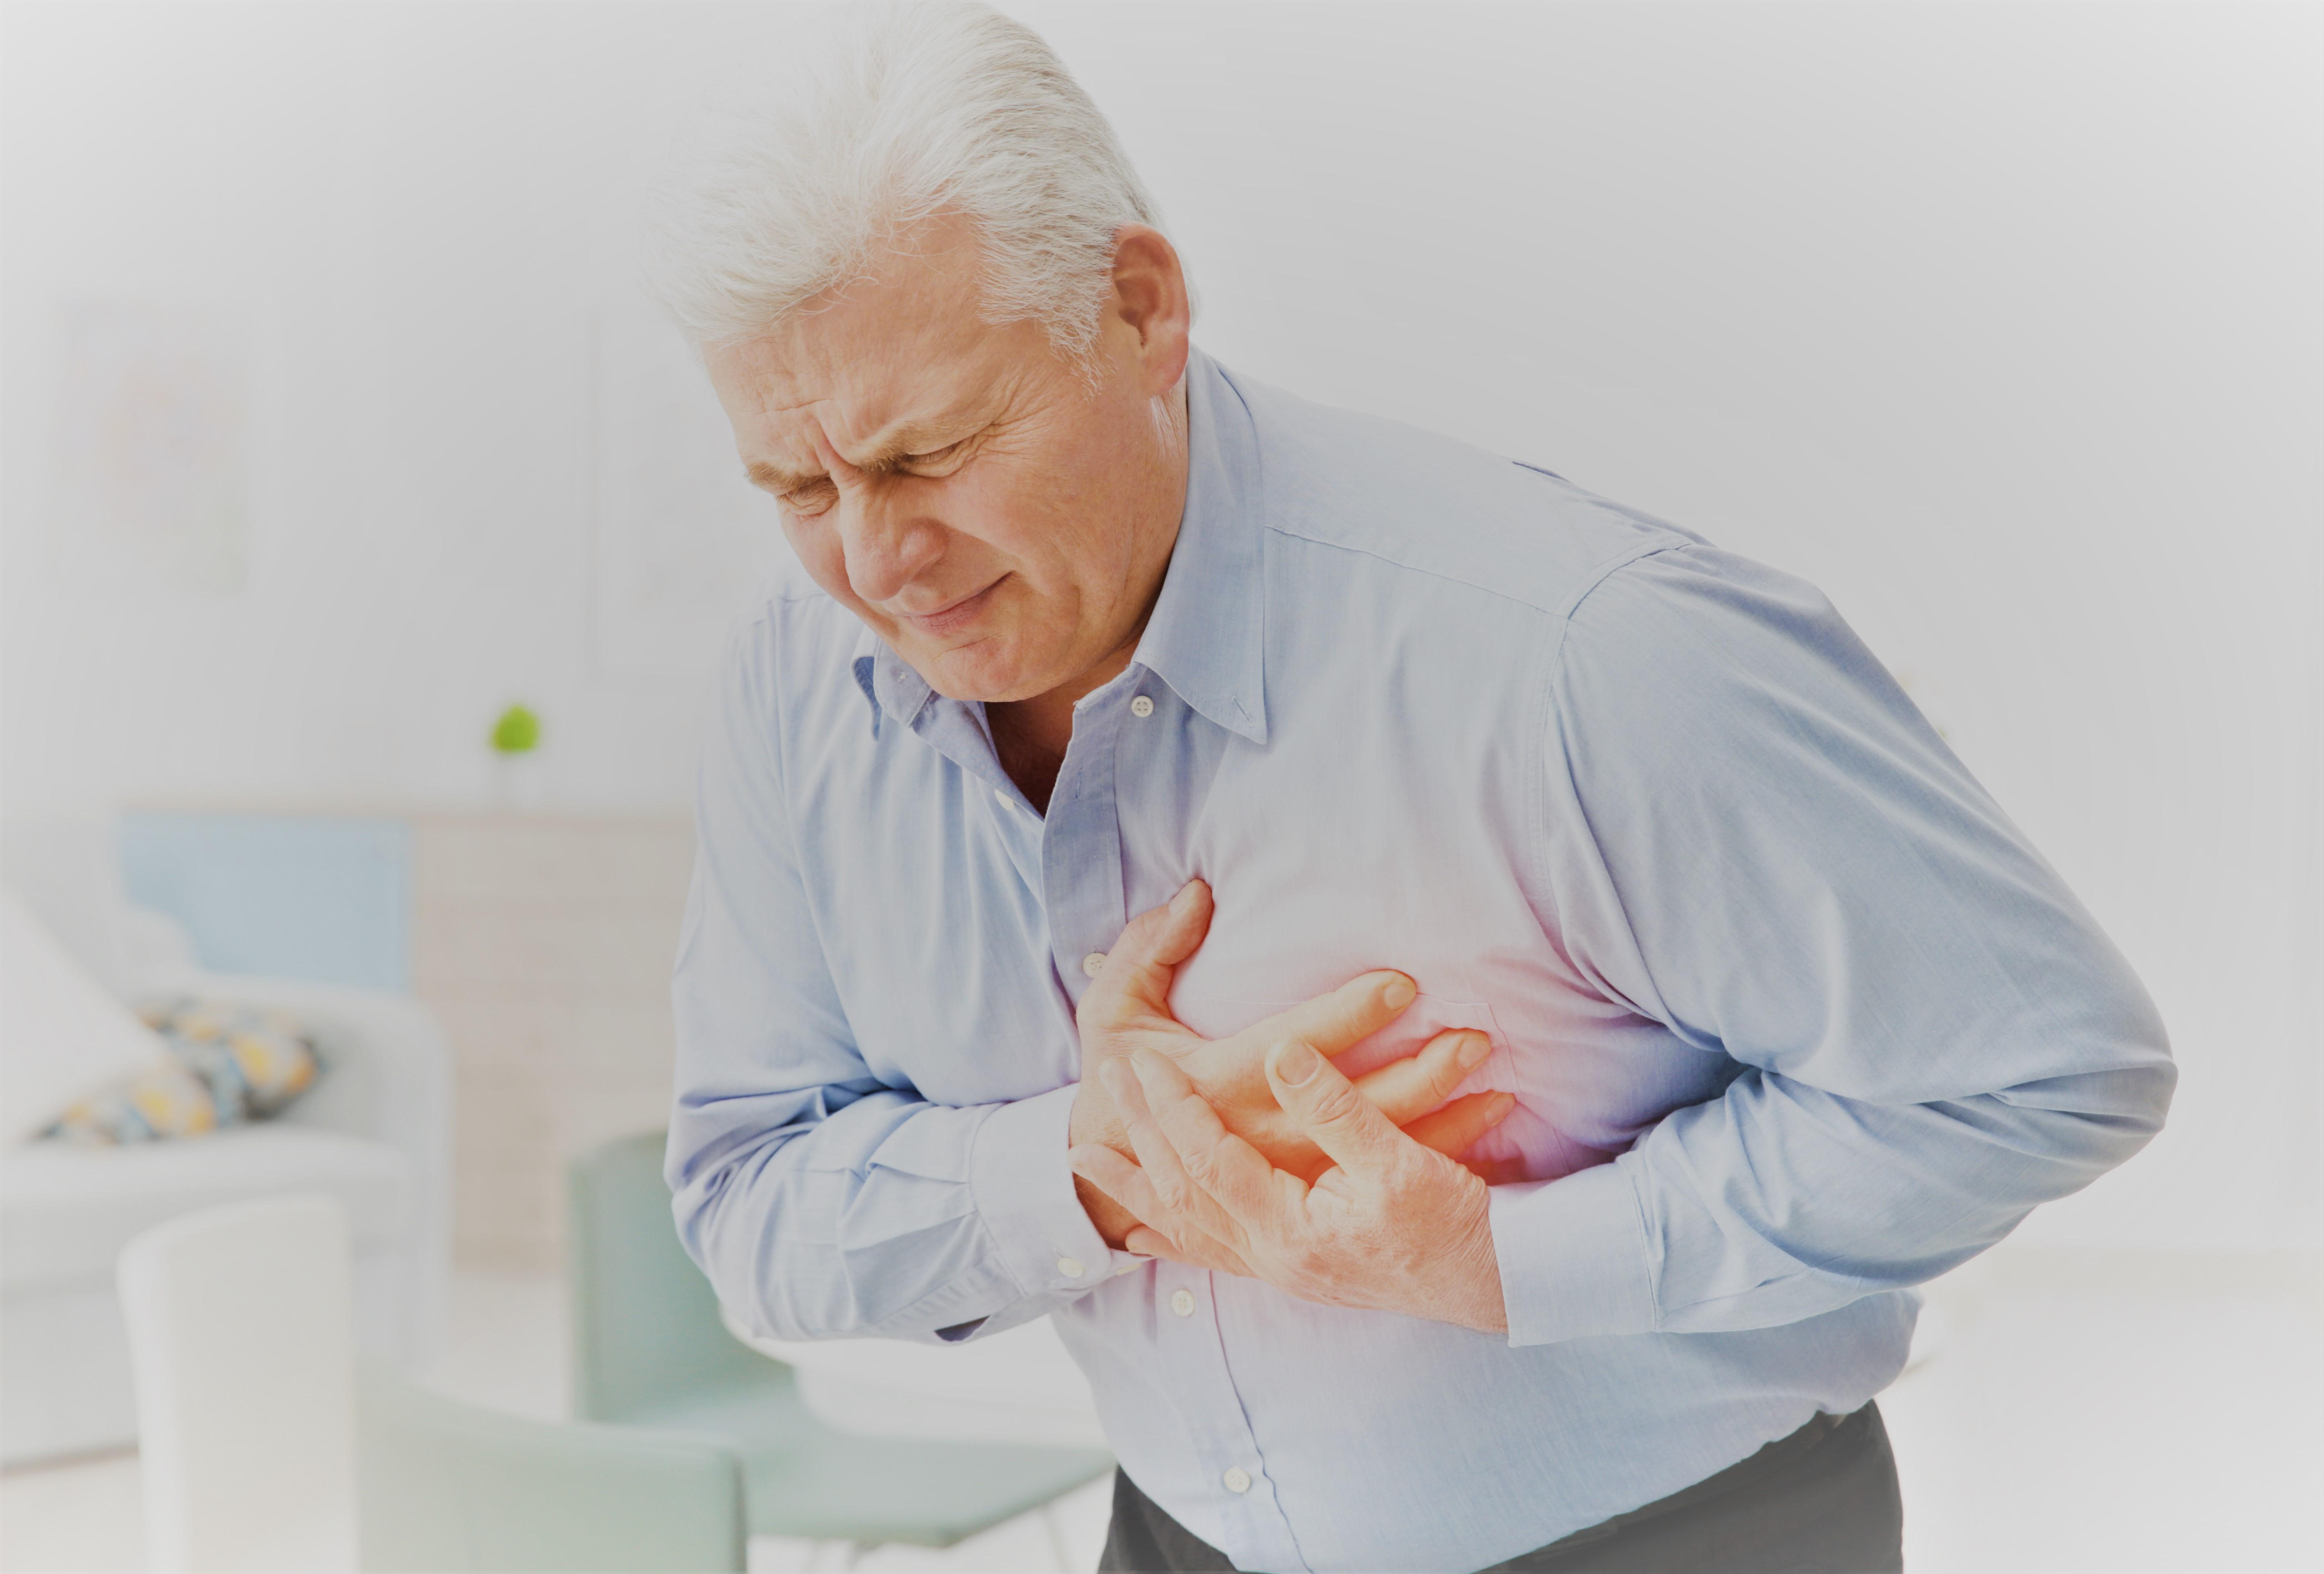 fájdalom a térdízületekben és az alsó hasban